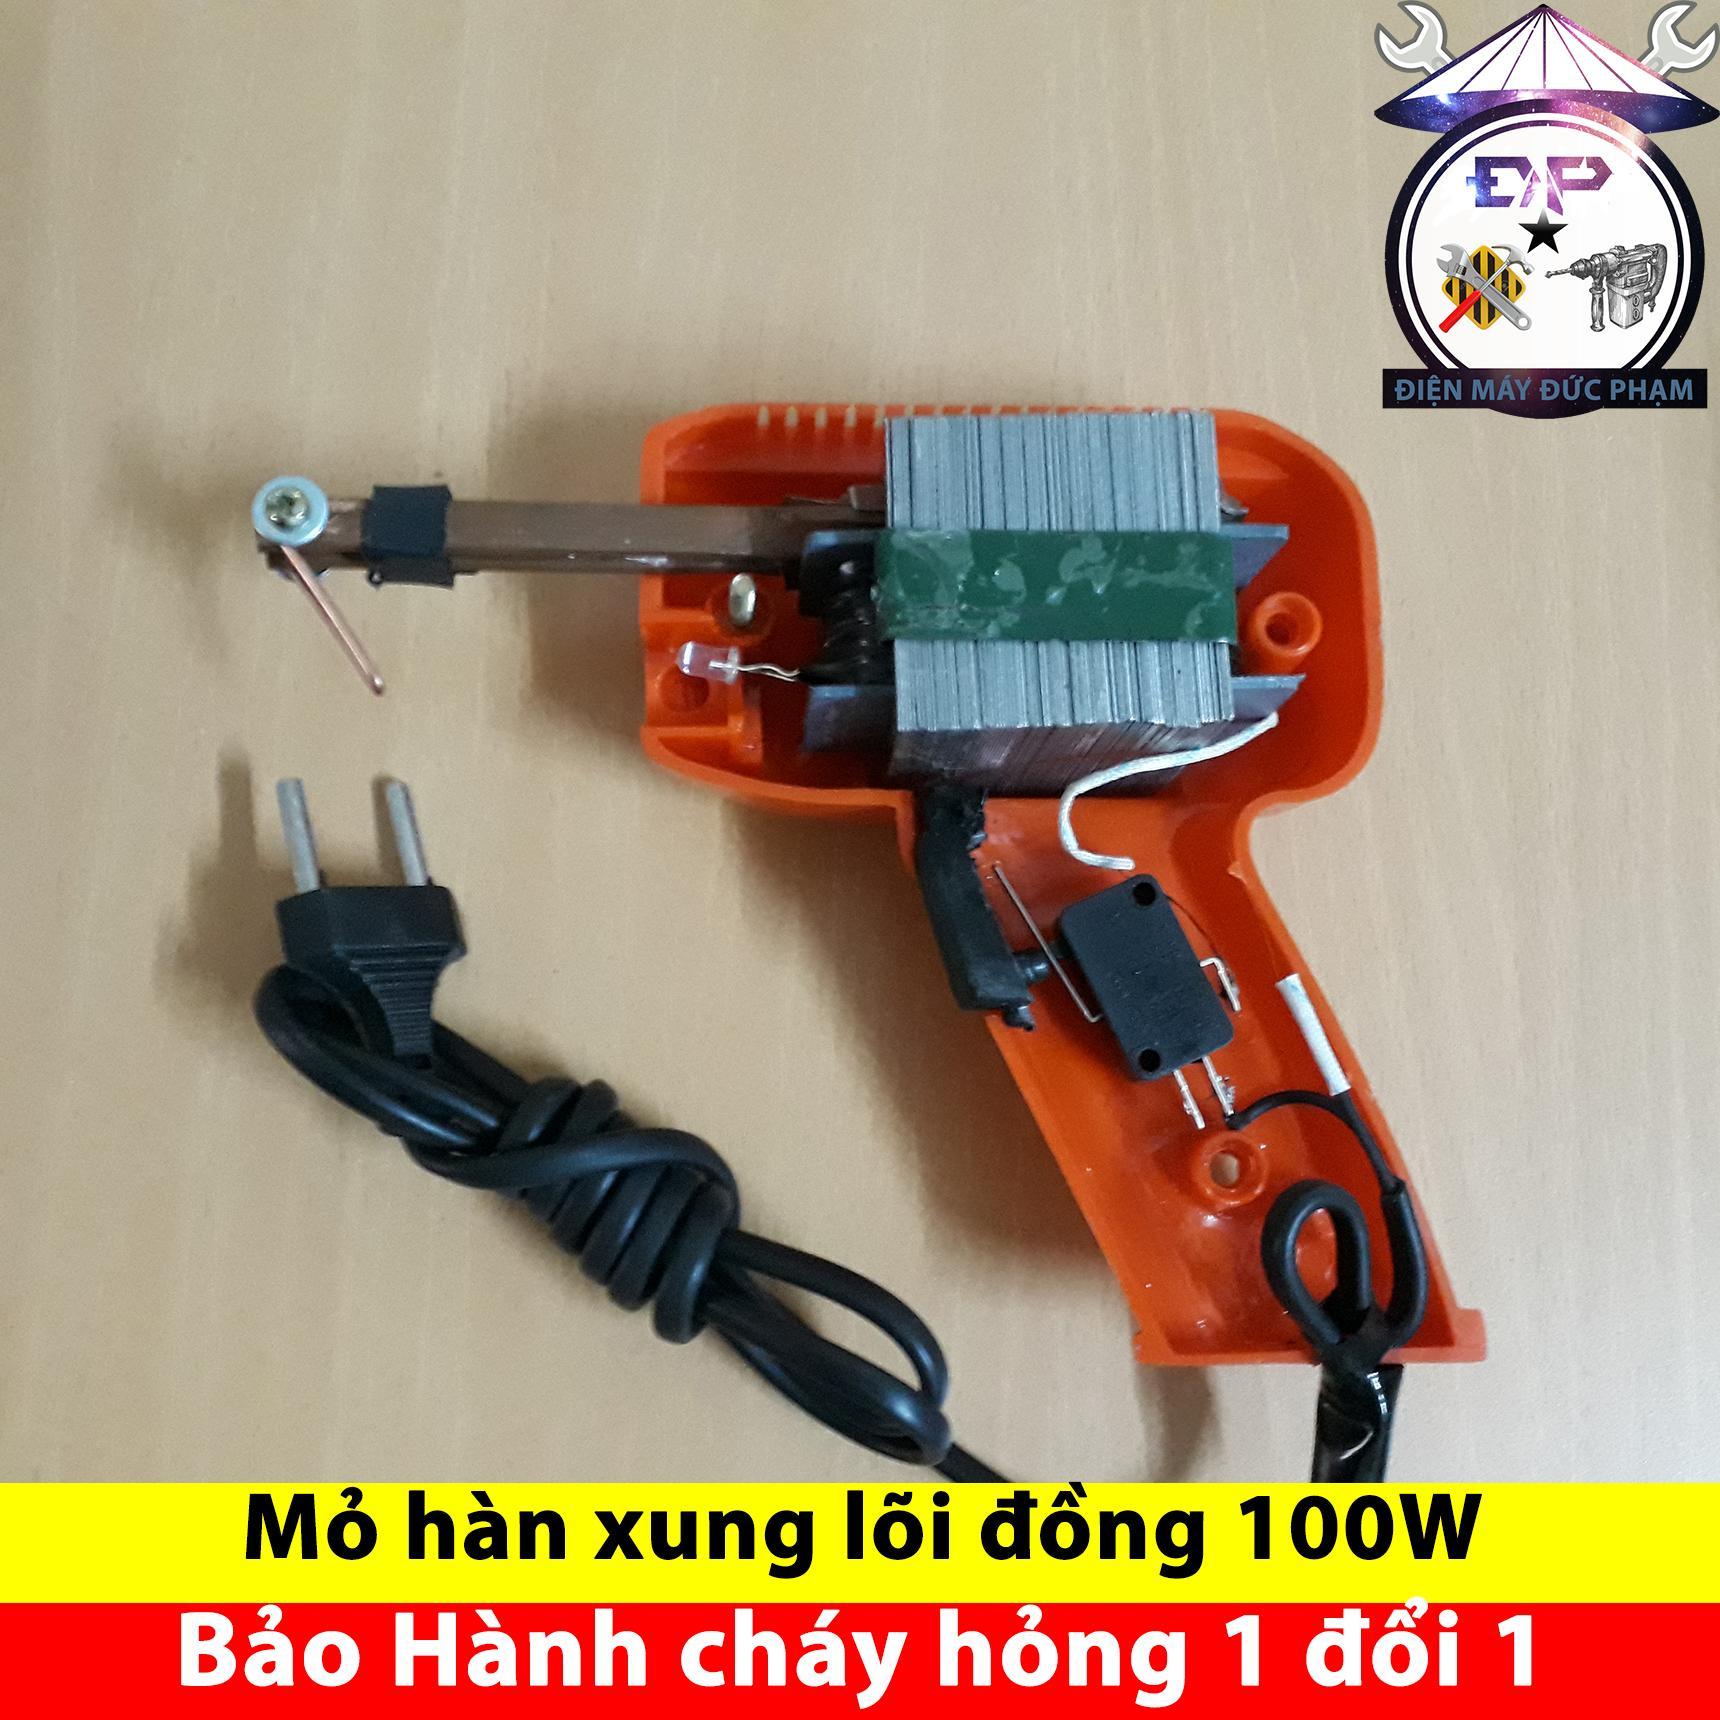 Bán Mỏ Han Xung 100W Full Loi Đồng Bảo Hanh Chay Nổ 1 Đổi 1 10 Đầu Han Rẻ